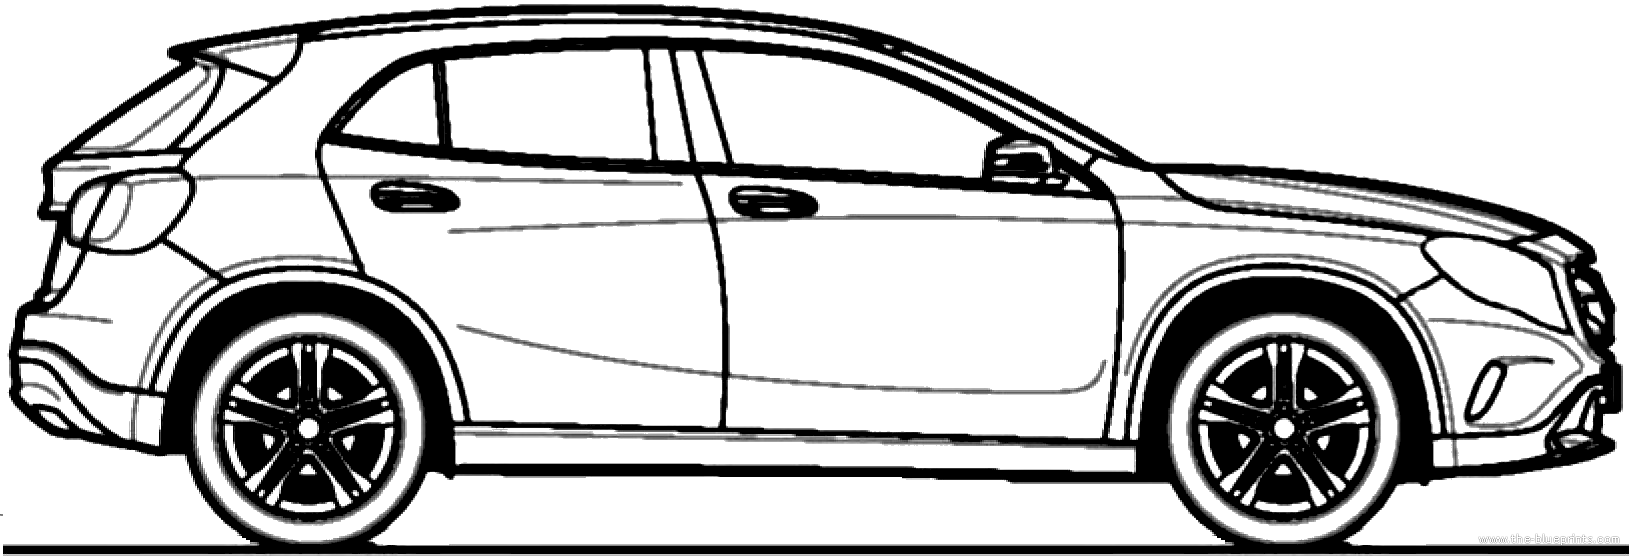 blueprints cars mercedes benz mercedes benz gla 220cdi 2014. Black Bedroom Furniture Sets. Home Design Ideas